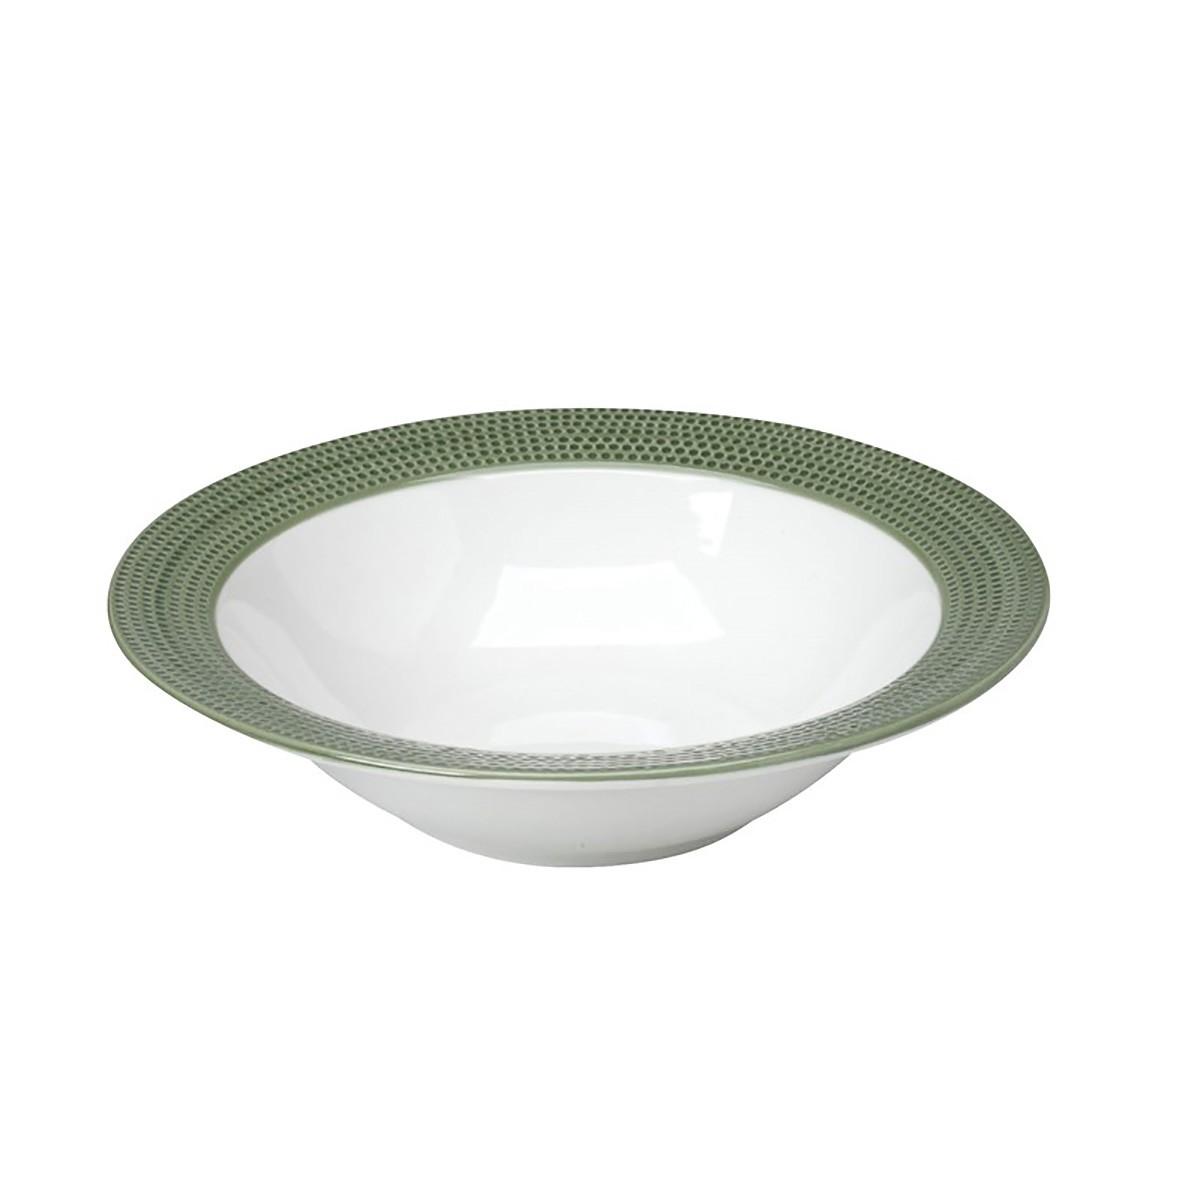 Σαλατιέρα Espiel Dots Green RRB104K2 home   κουζίνα   τραπεζαρία   πιάτα   μπωλ